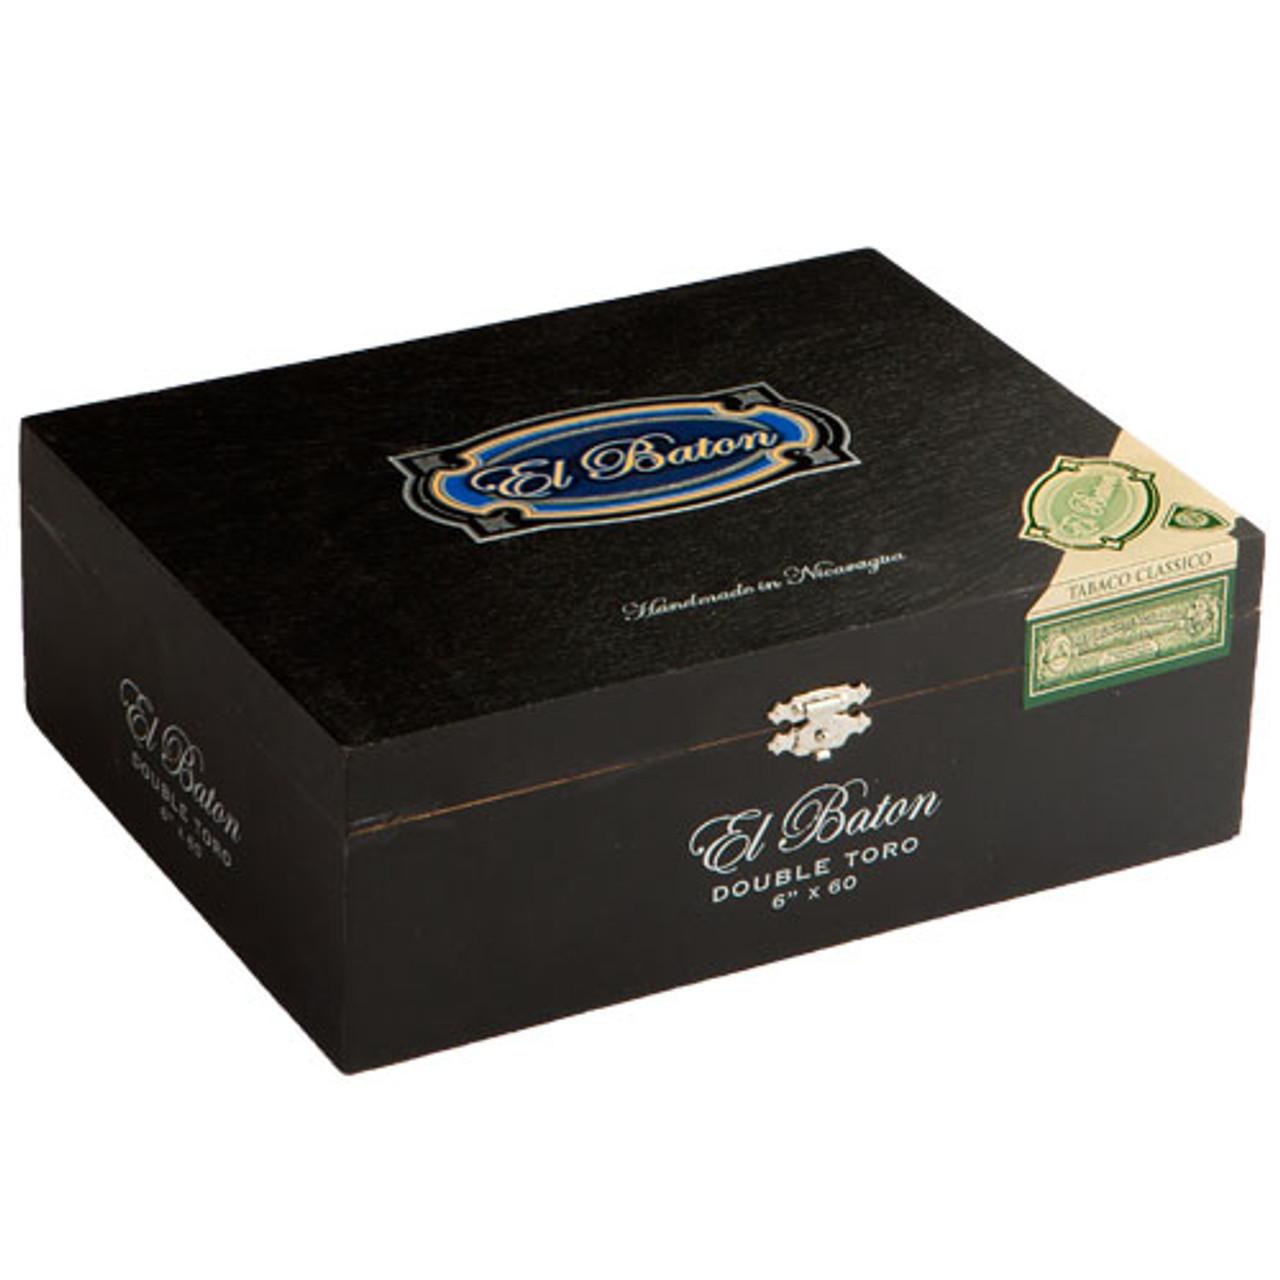 El Baton Robusto Cigars - 5 x 54 (Box of 25)